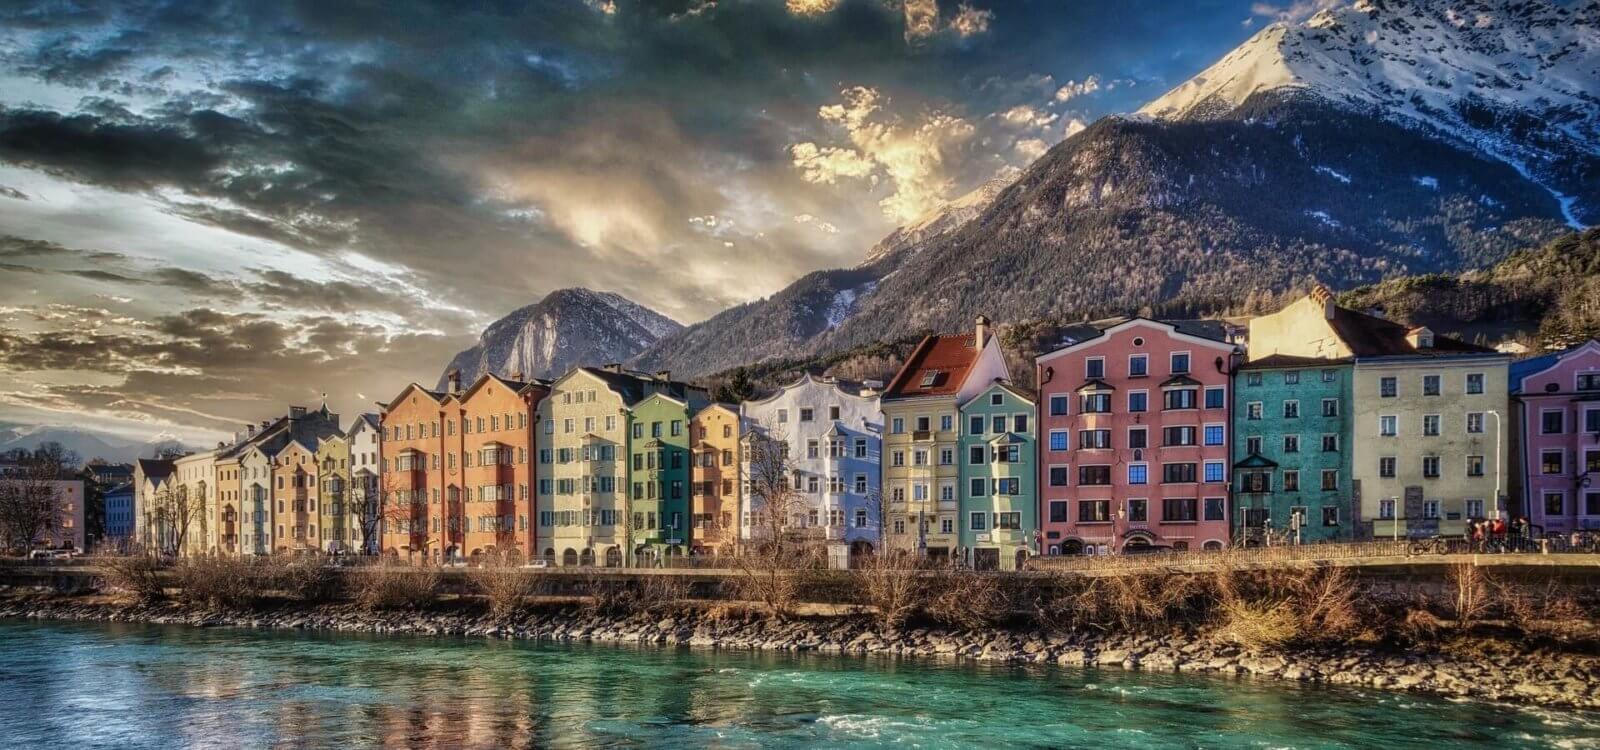 Innsbrucks typische Häuser am Inn